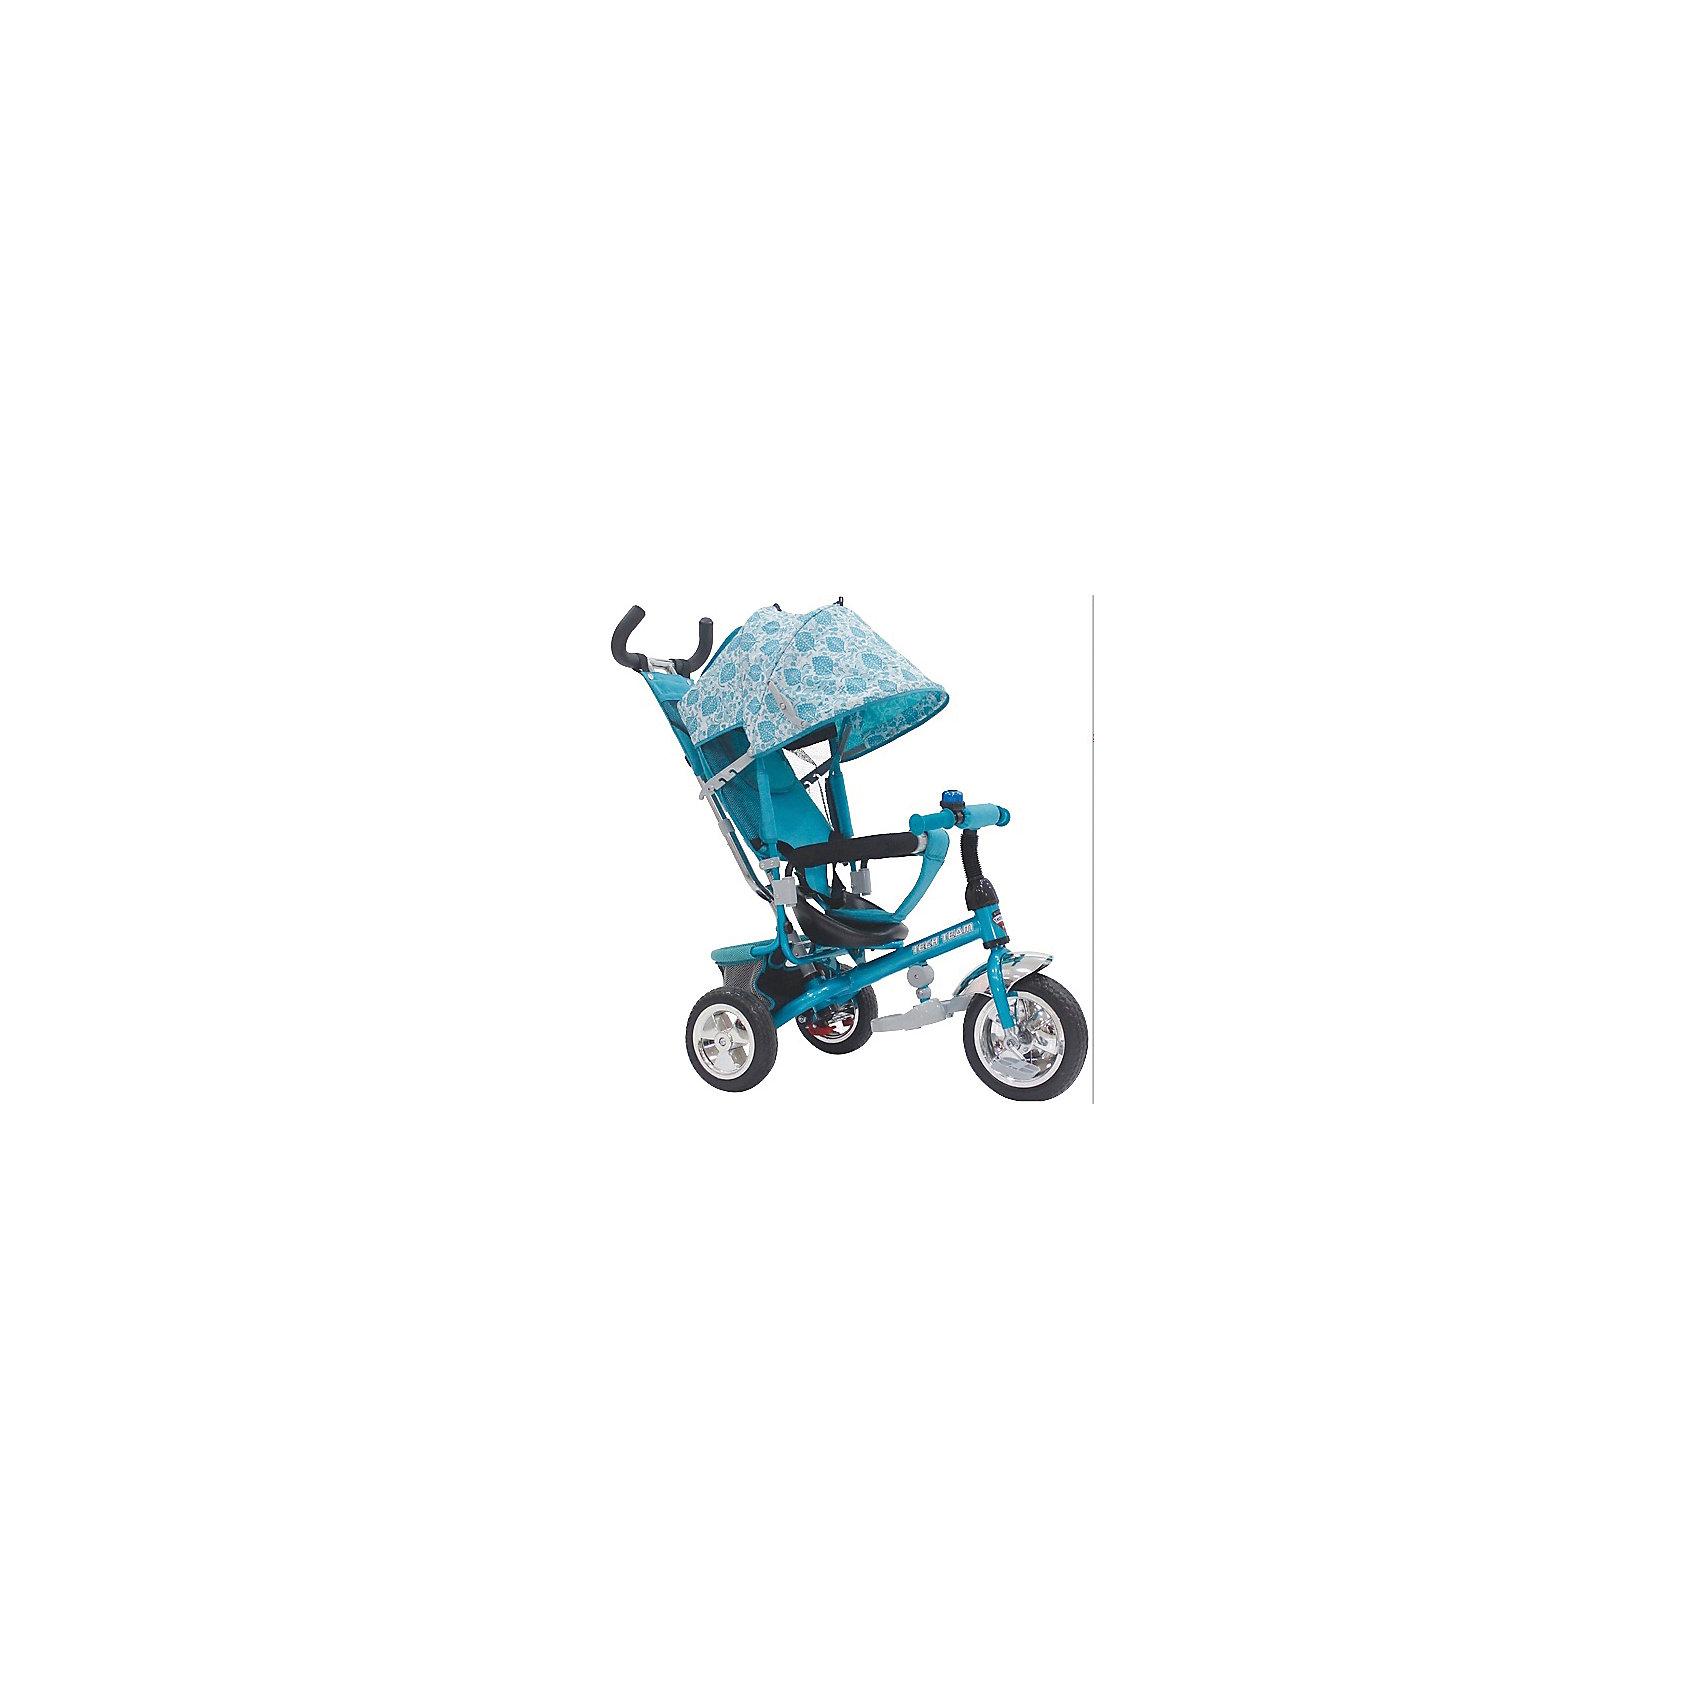 Трехколесный велосипед 952-S, Tech Team